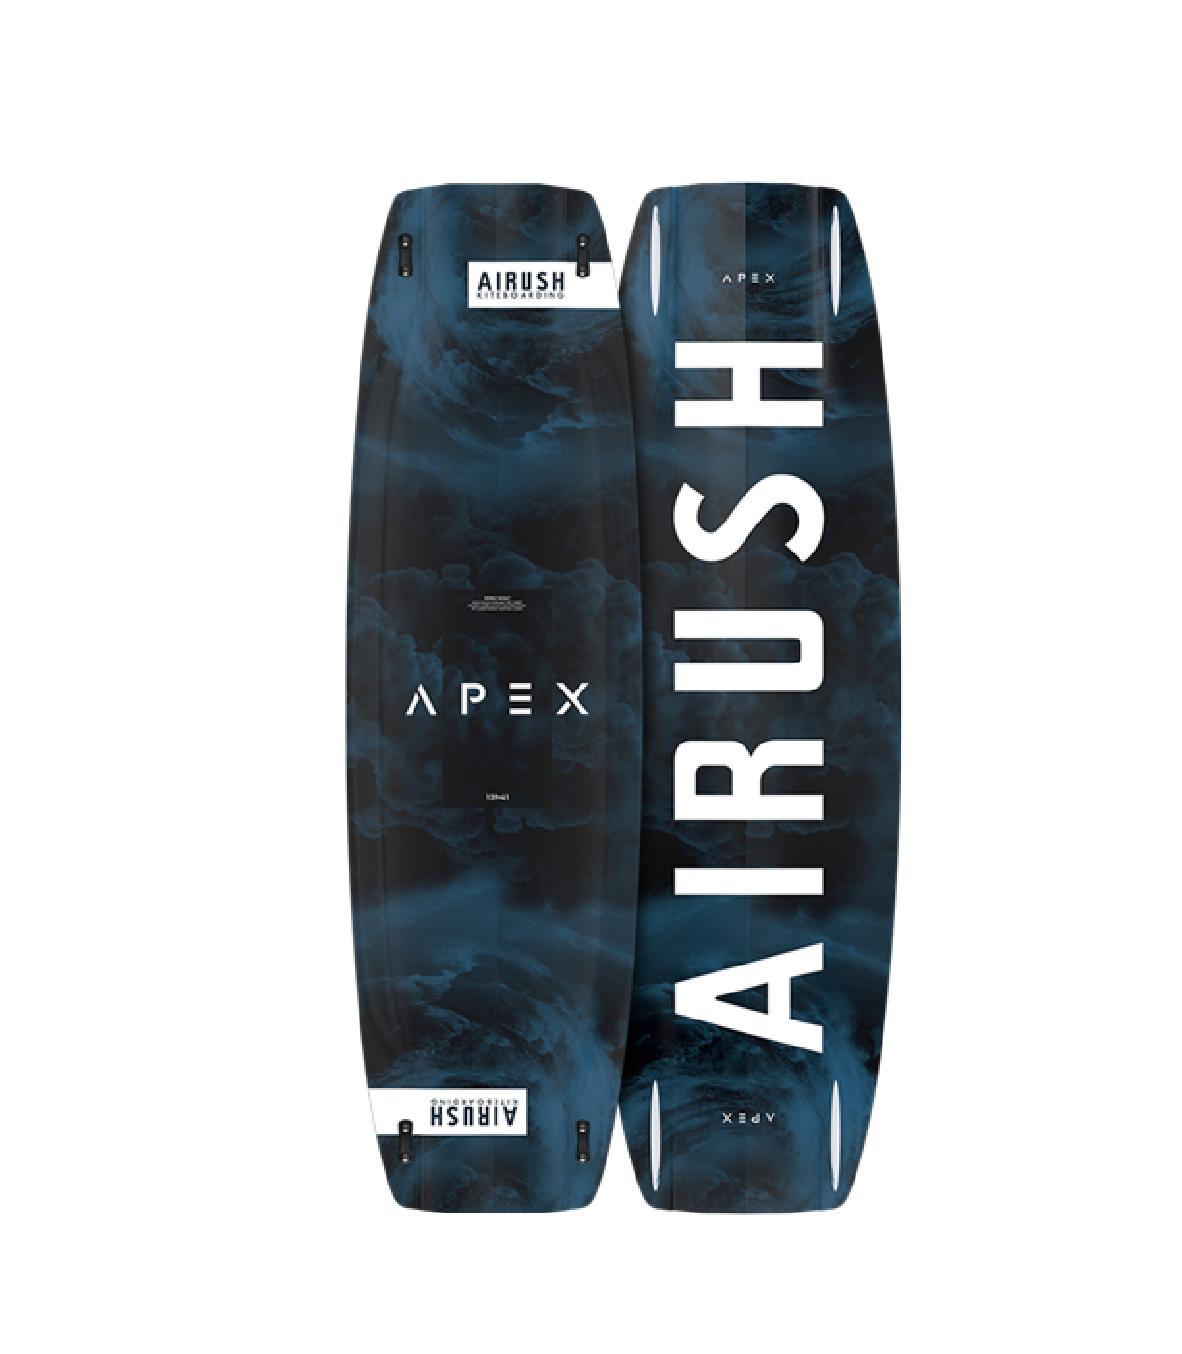 AIRUSH APEX V7 139 1 - AIRUSH APEX V7 139